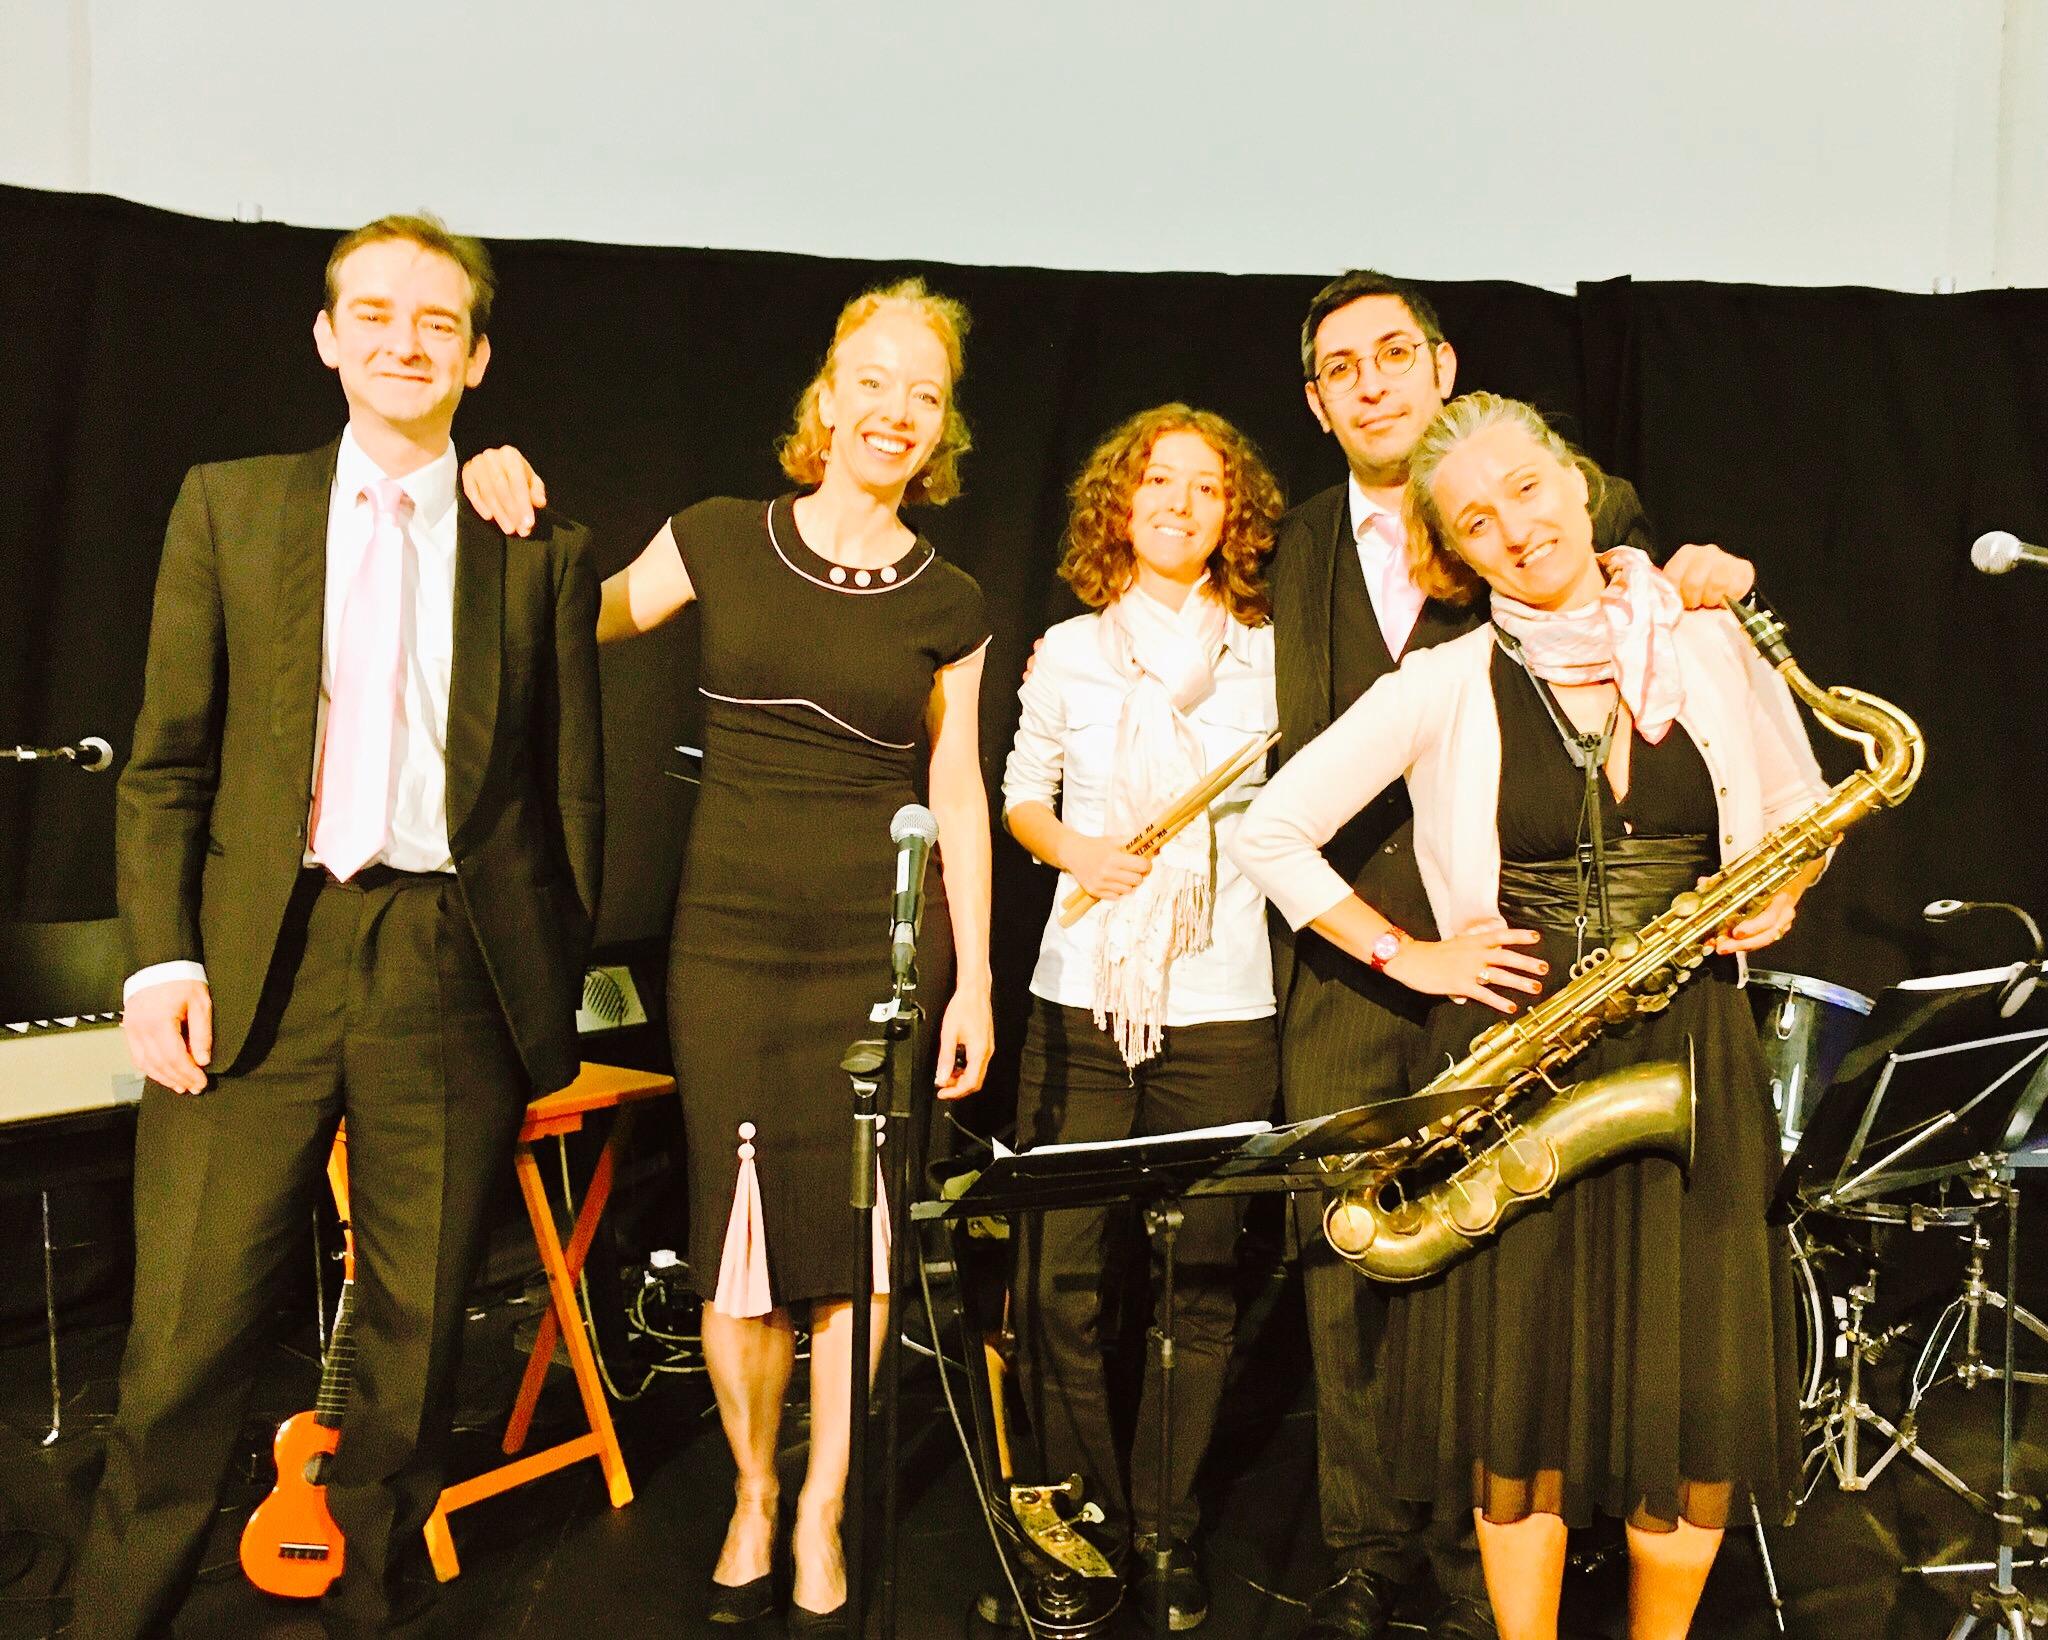 BandPic Edfringe 2017